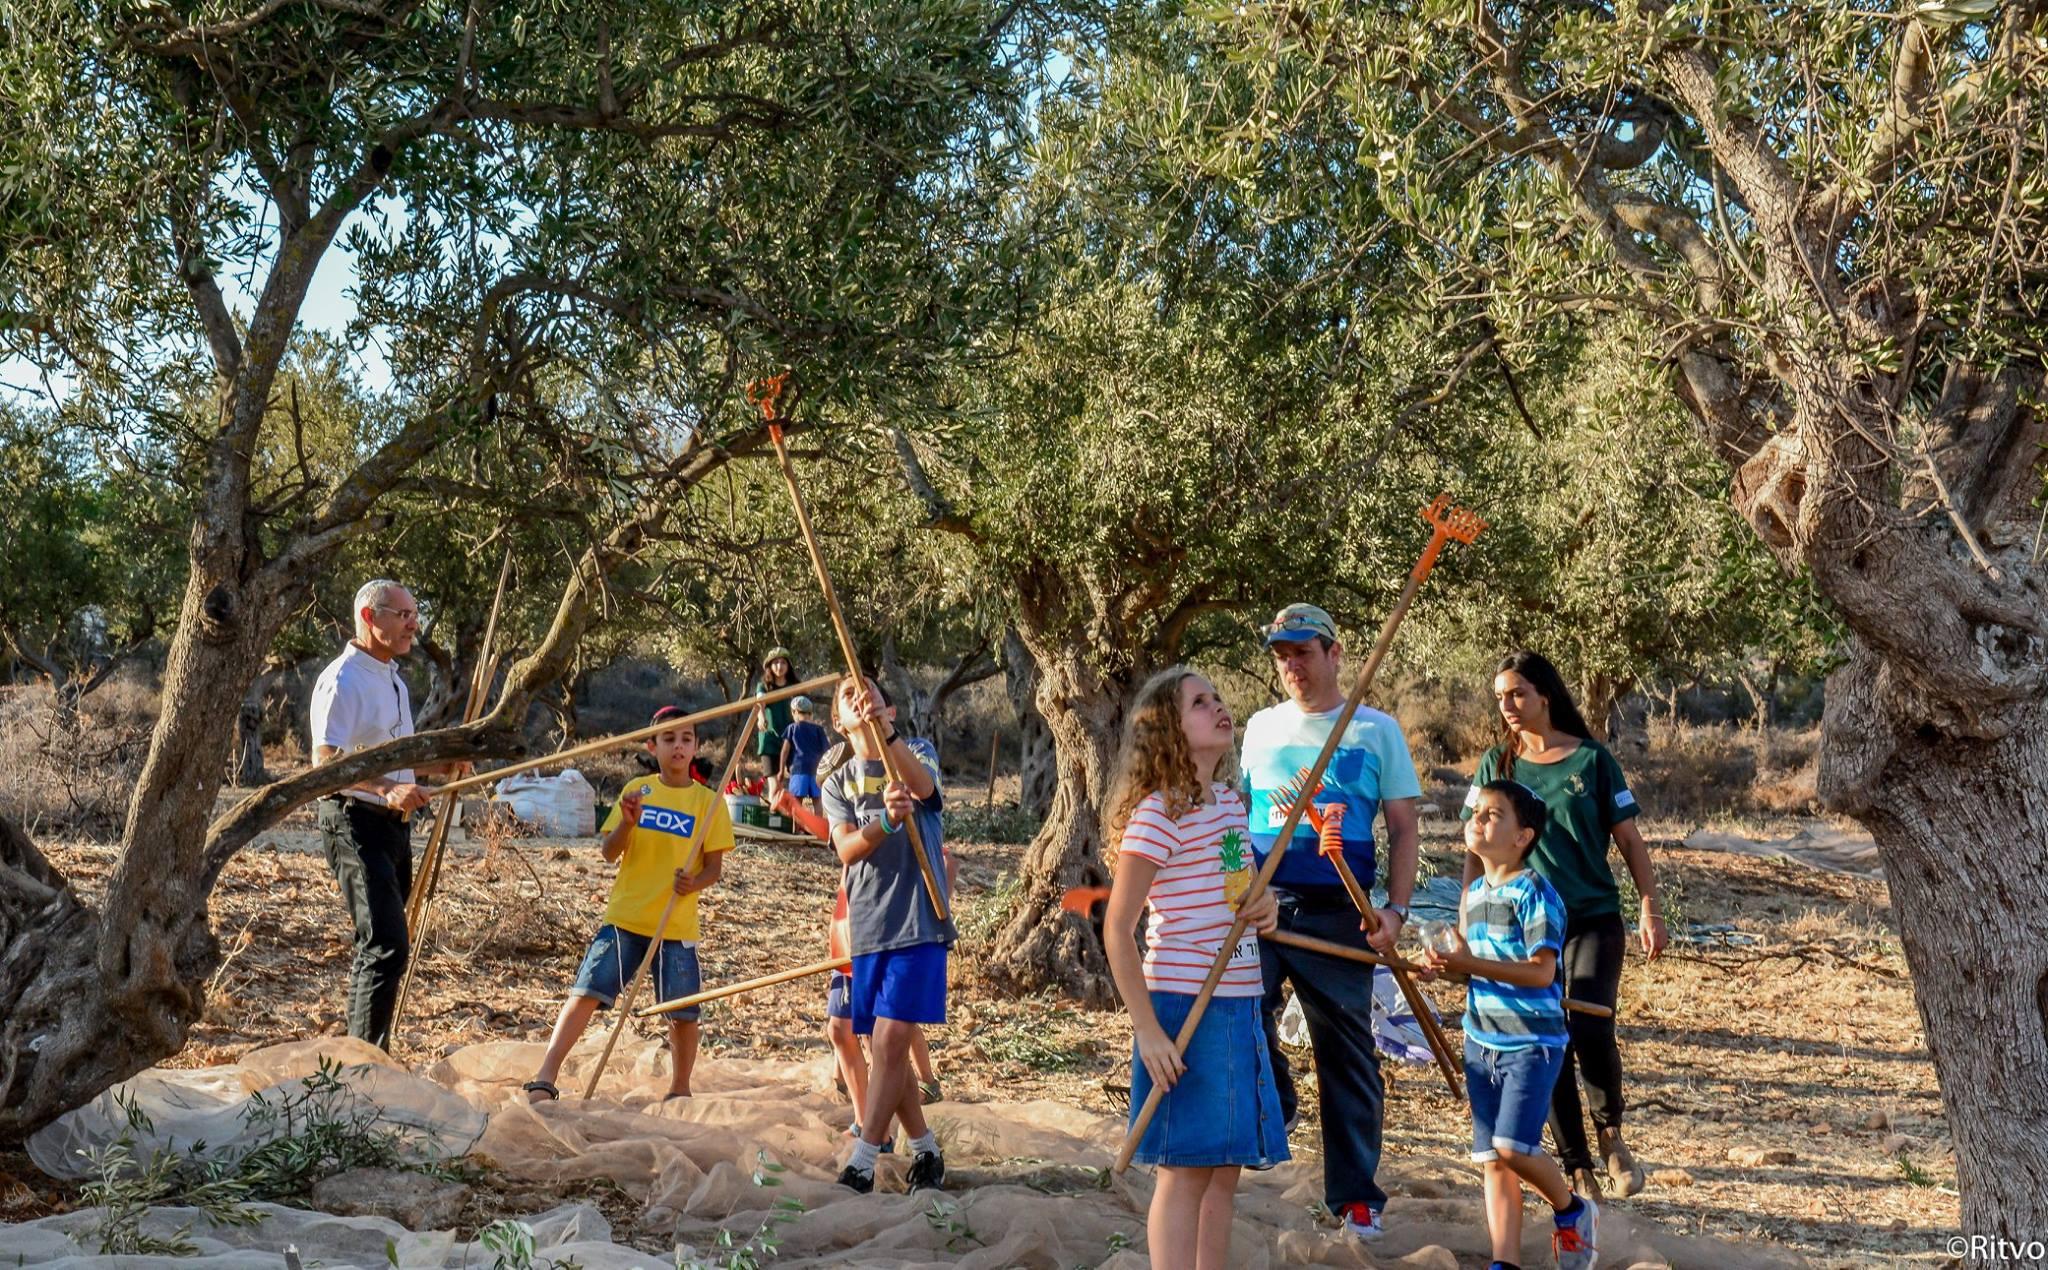 פסטיבל מסיק הזיתים בעין מכמונים (צילום: דורית ריטבו)